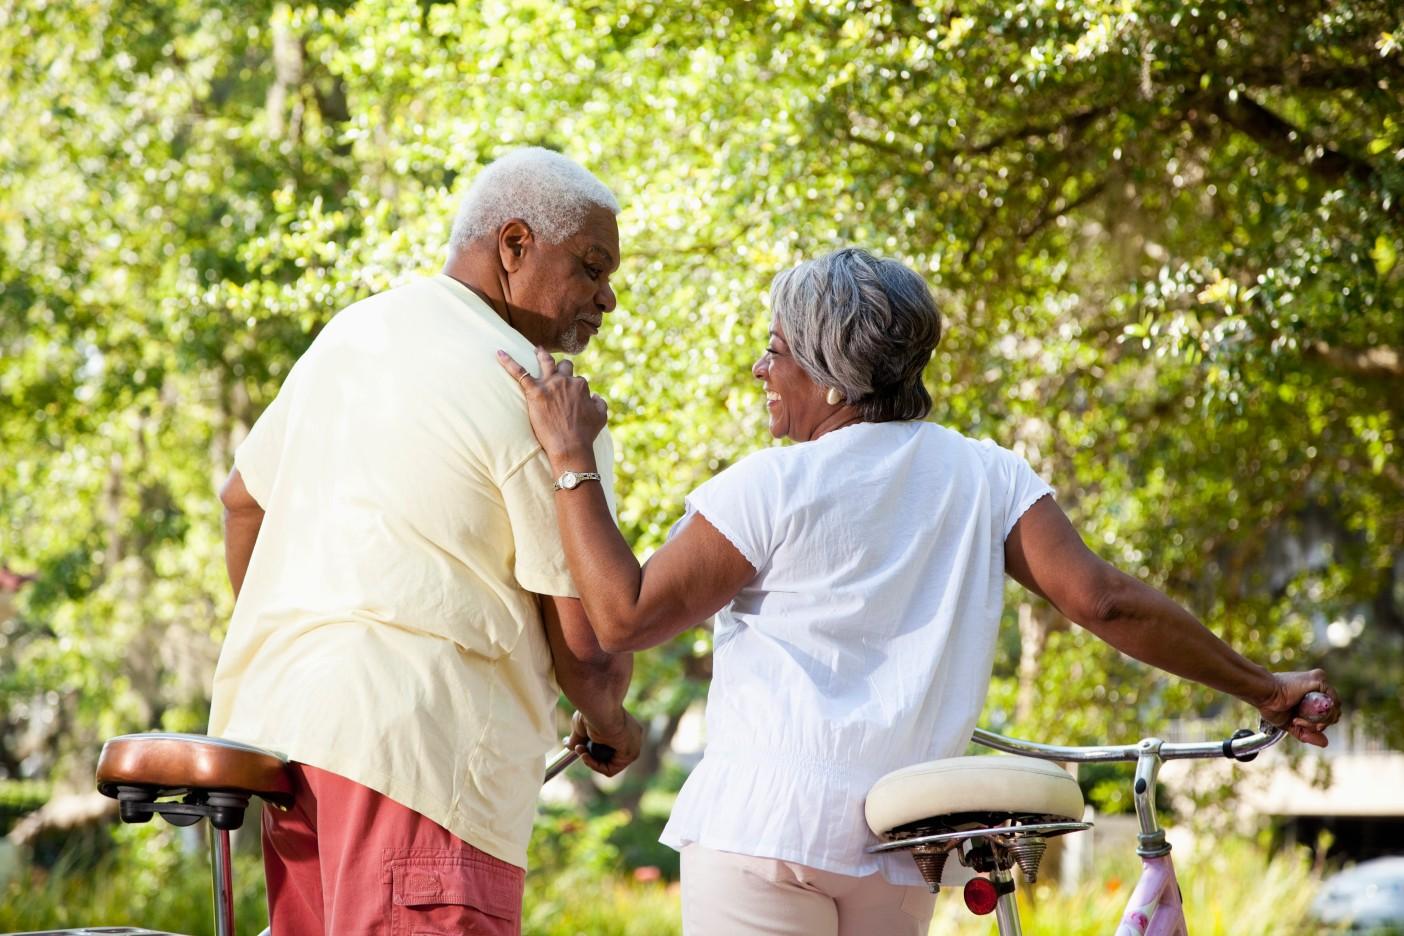 magas vérnyomású rasillosis gyakorlatok összessége a magas vérnyomású nyak számára